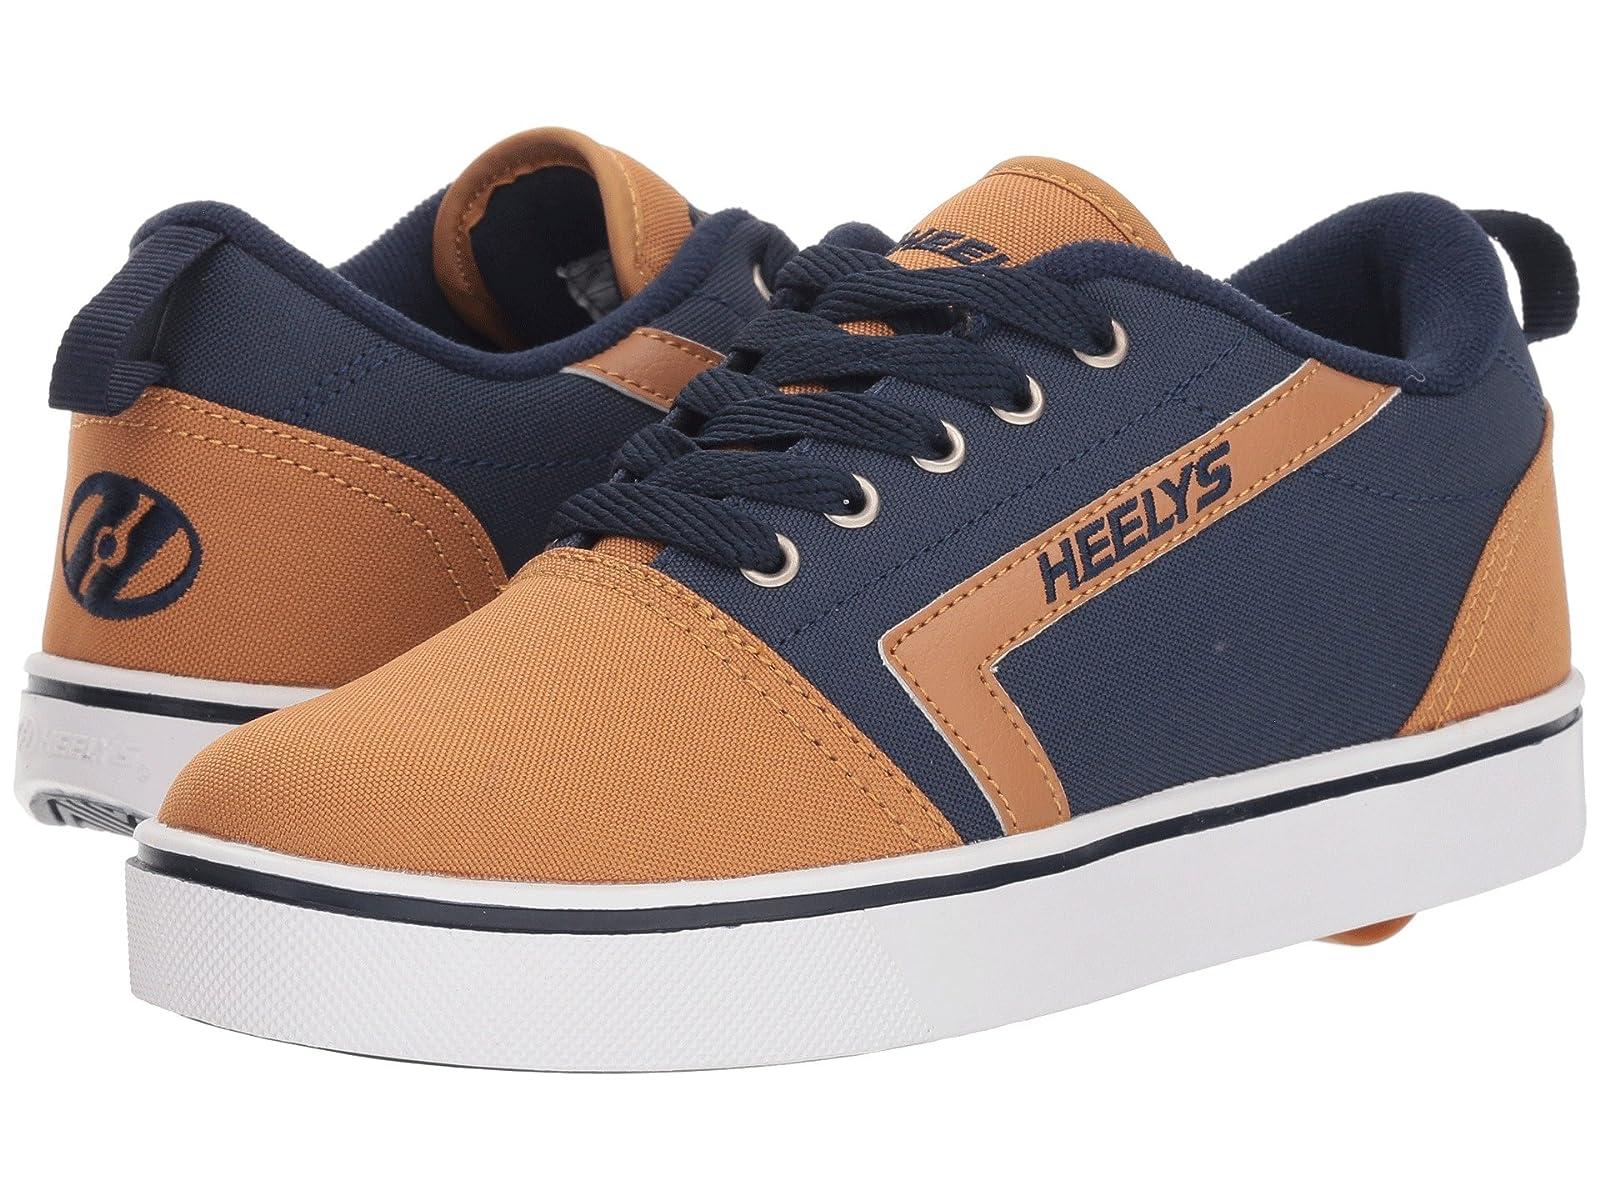 Heelys GR8 Pro (Little Kid/Big Kid/Adult)Atmospheric grades have affordable shoes